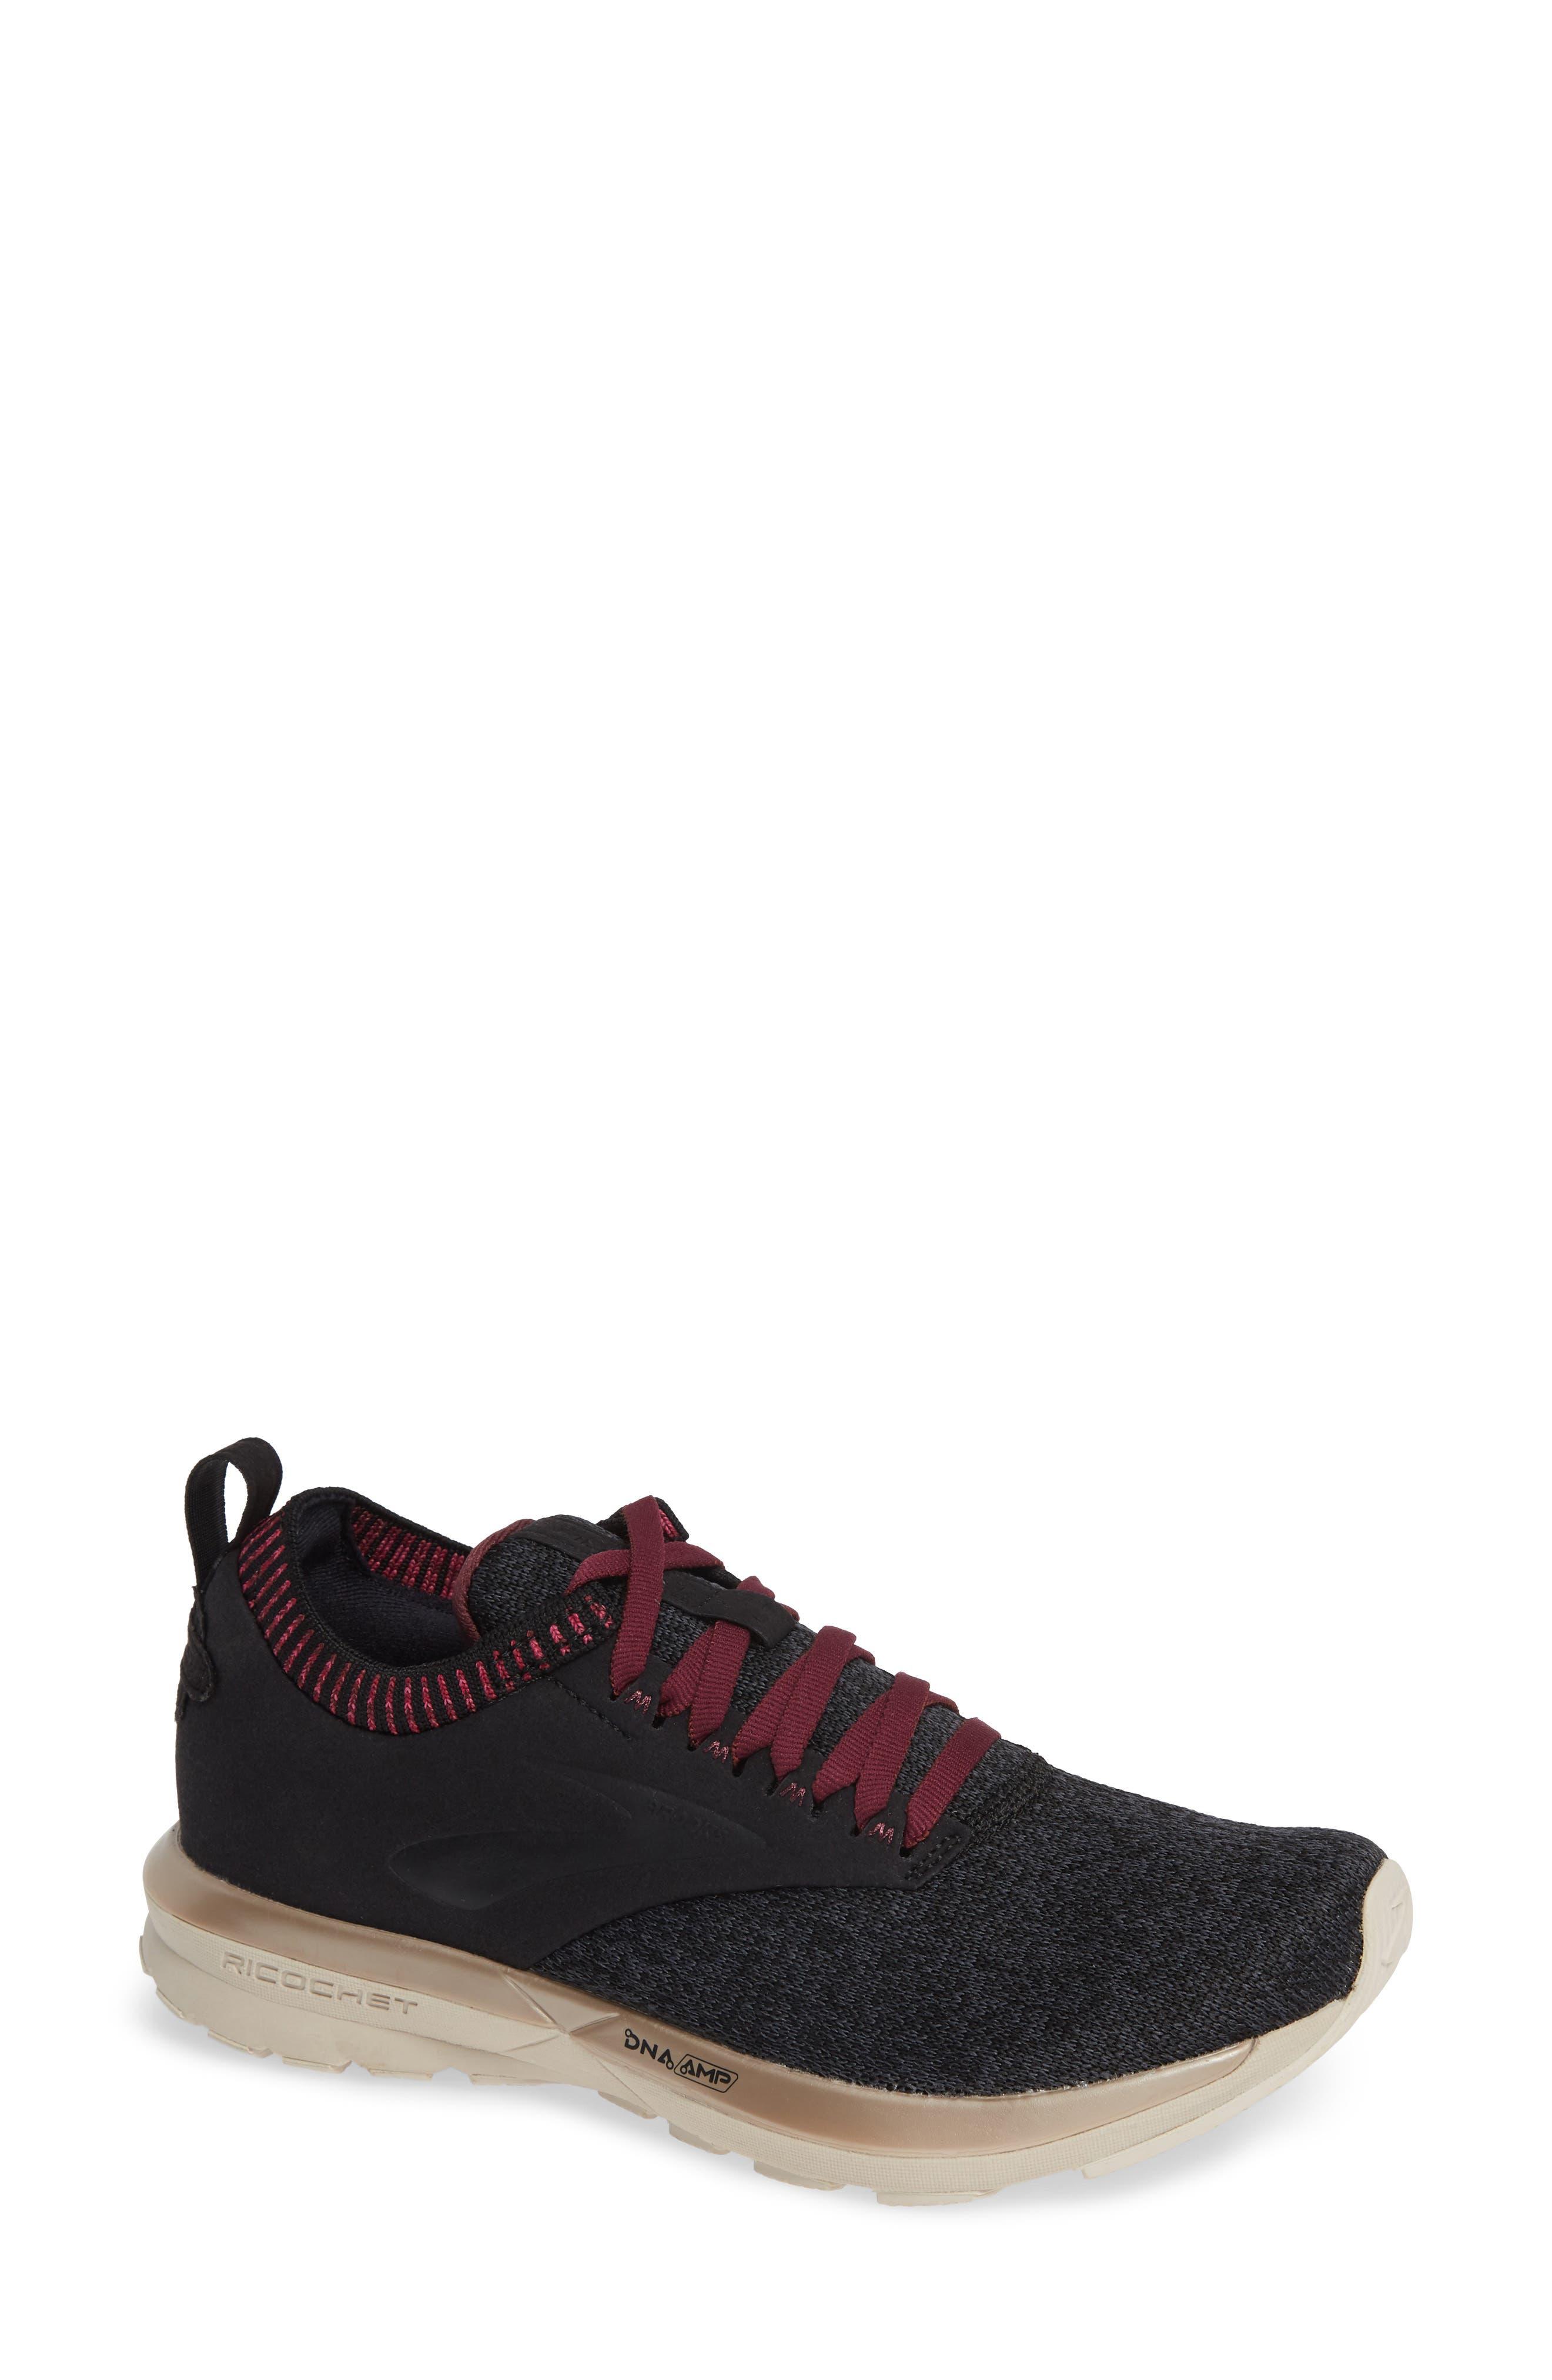 Brooks Ricochet Le Running Shoe B - Black